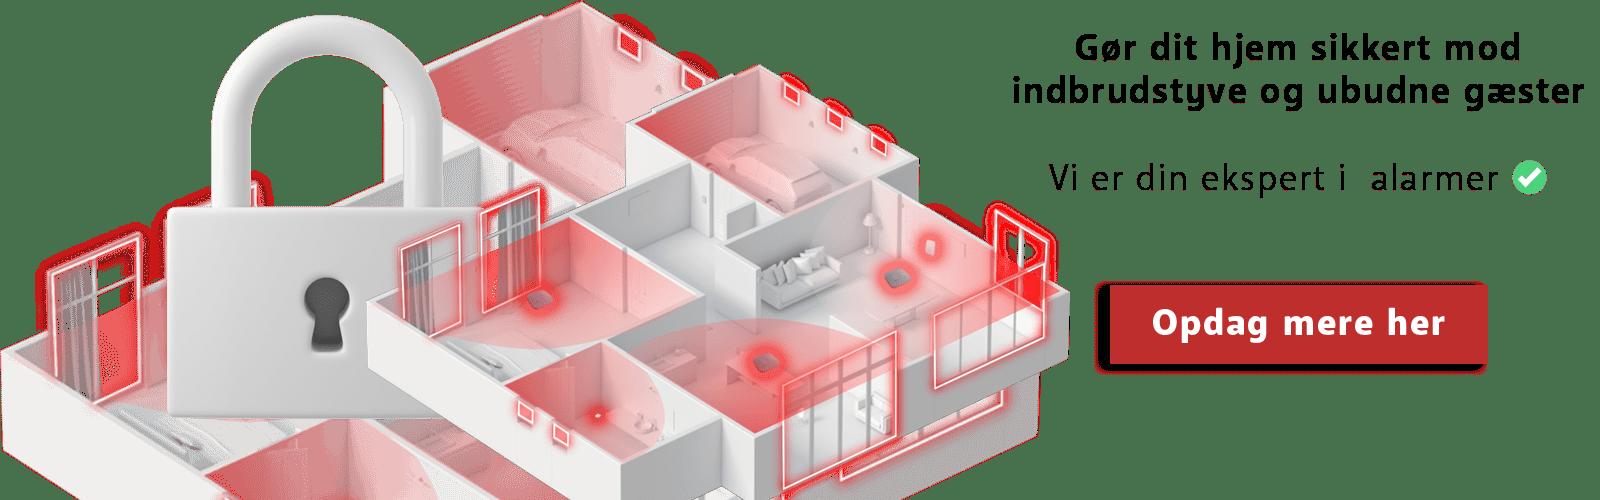 Gør dit hjem sikkert med en alarm af Axel Pedersen ApS